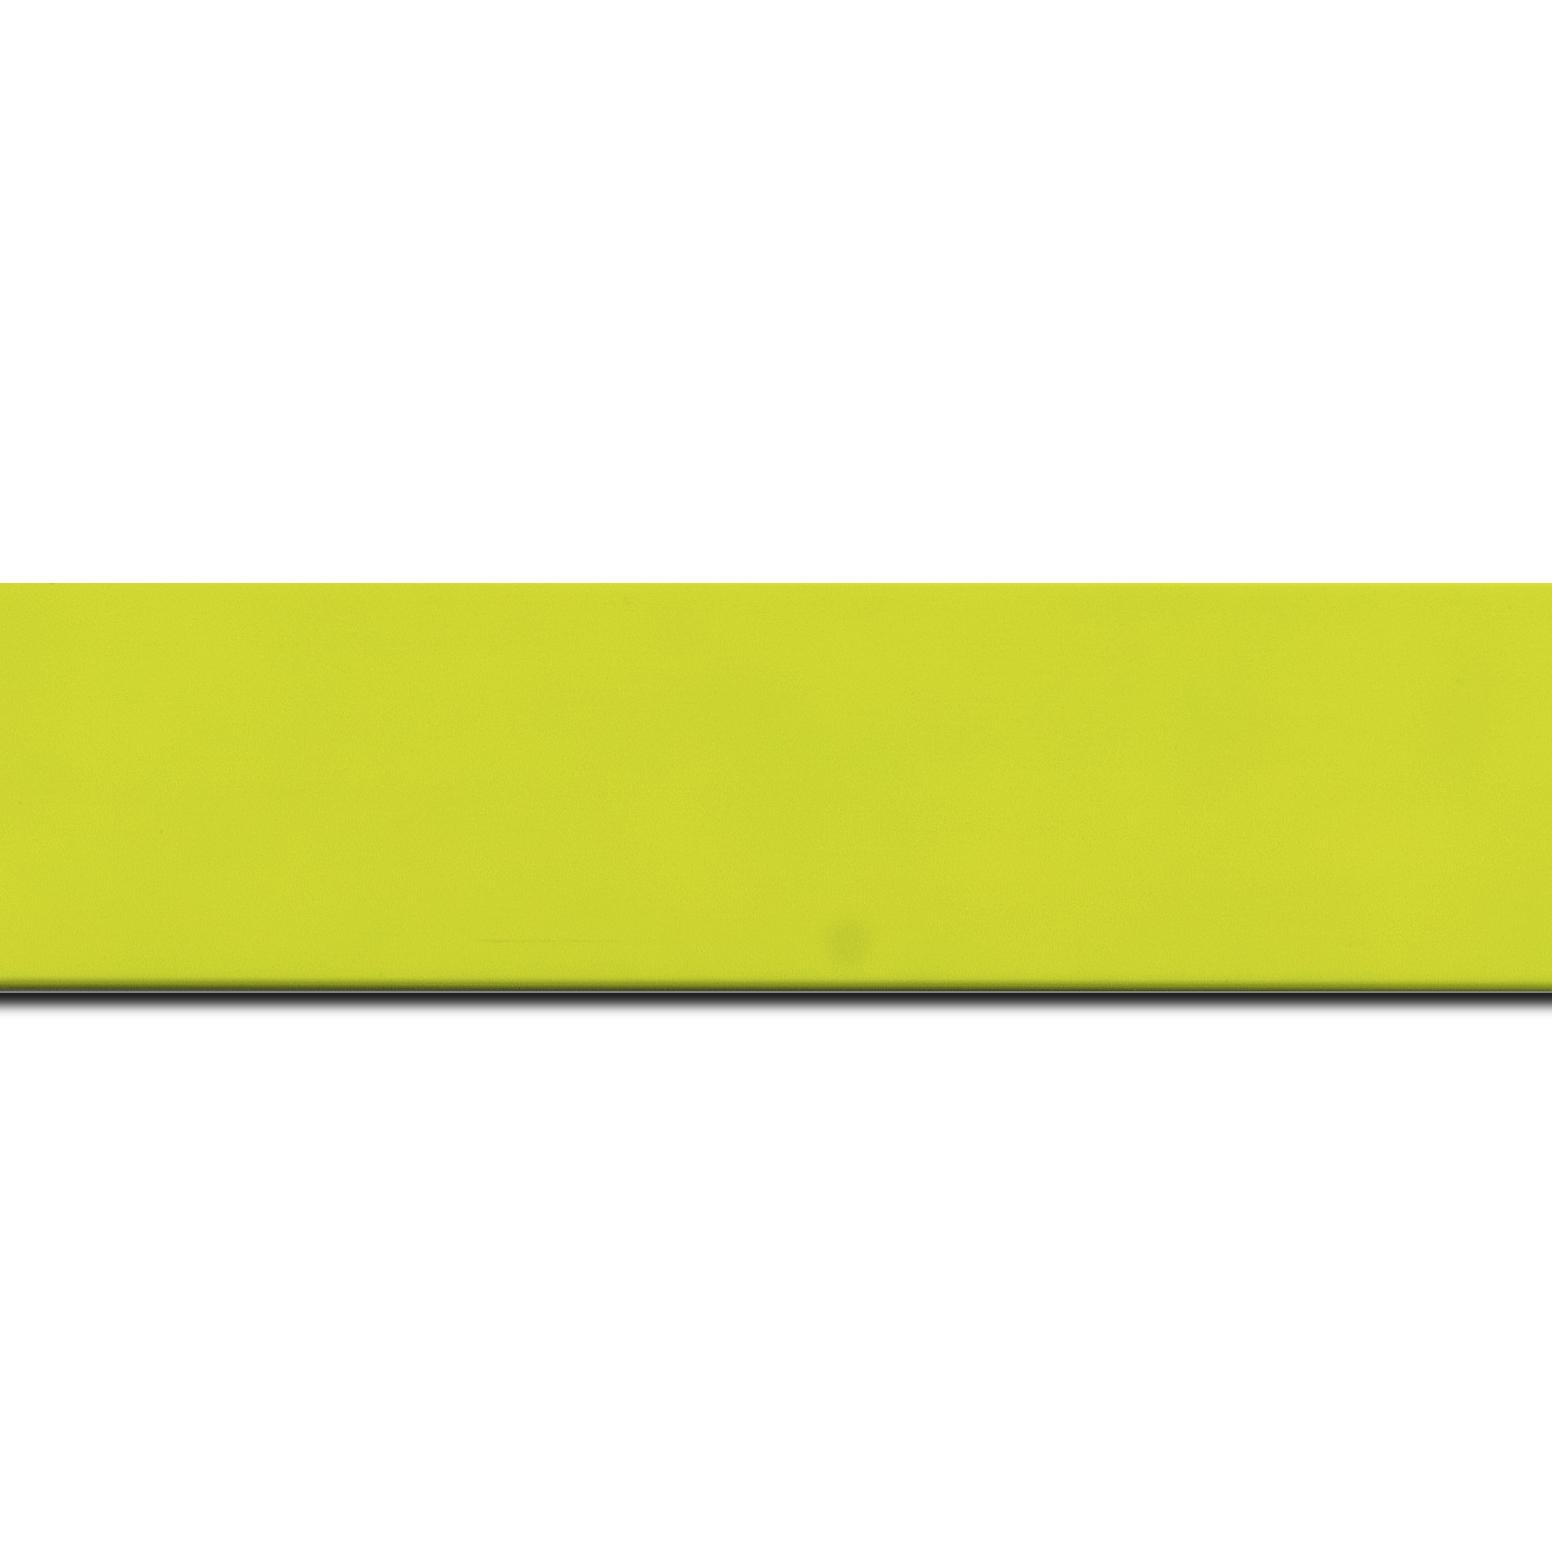 Pack par 12m, bois profil plat largeur 3.9cm couleur vert vif mat (longueur baguette pouvant varier entre 2.40m et 3m selon arrivage des bois)